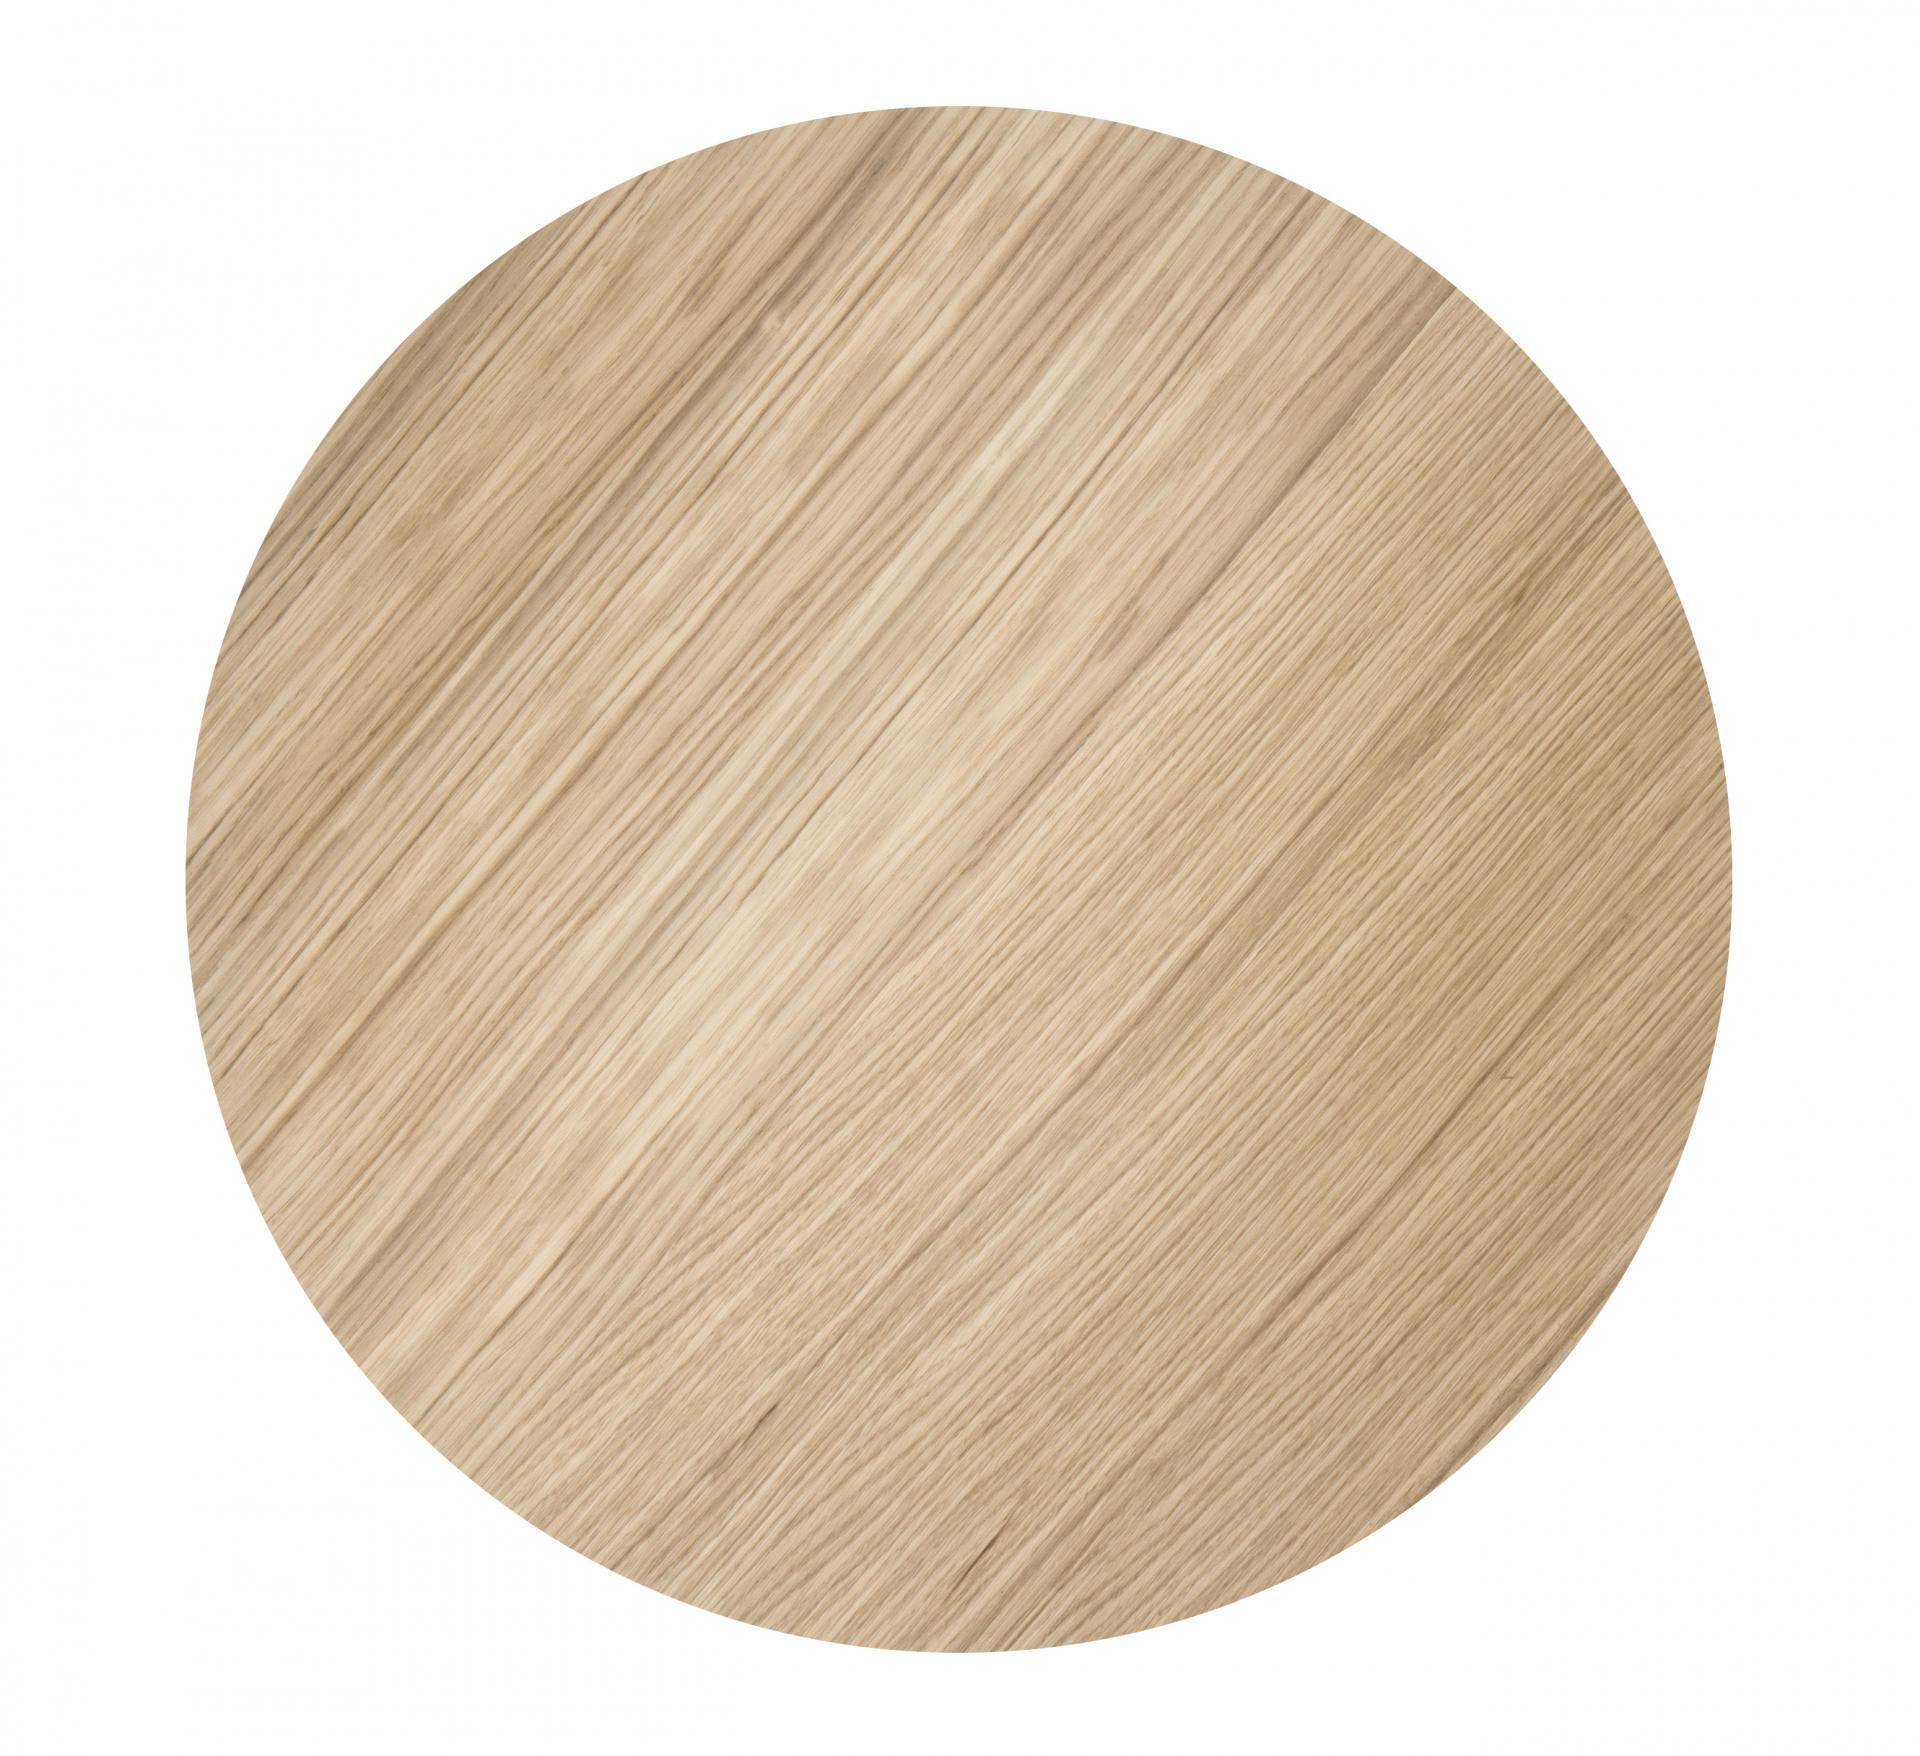 ferm LIVING Dřevěný poklop na drátěný koš Oiled Oak - large, hnědá barva, přírodní barva, dřevo